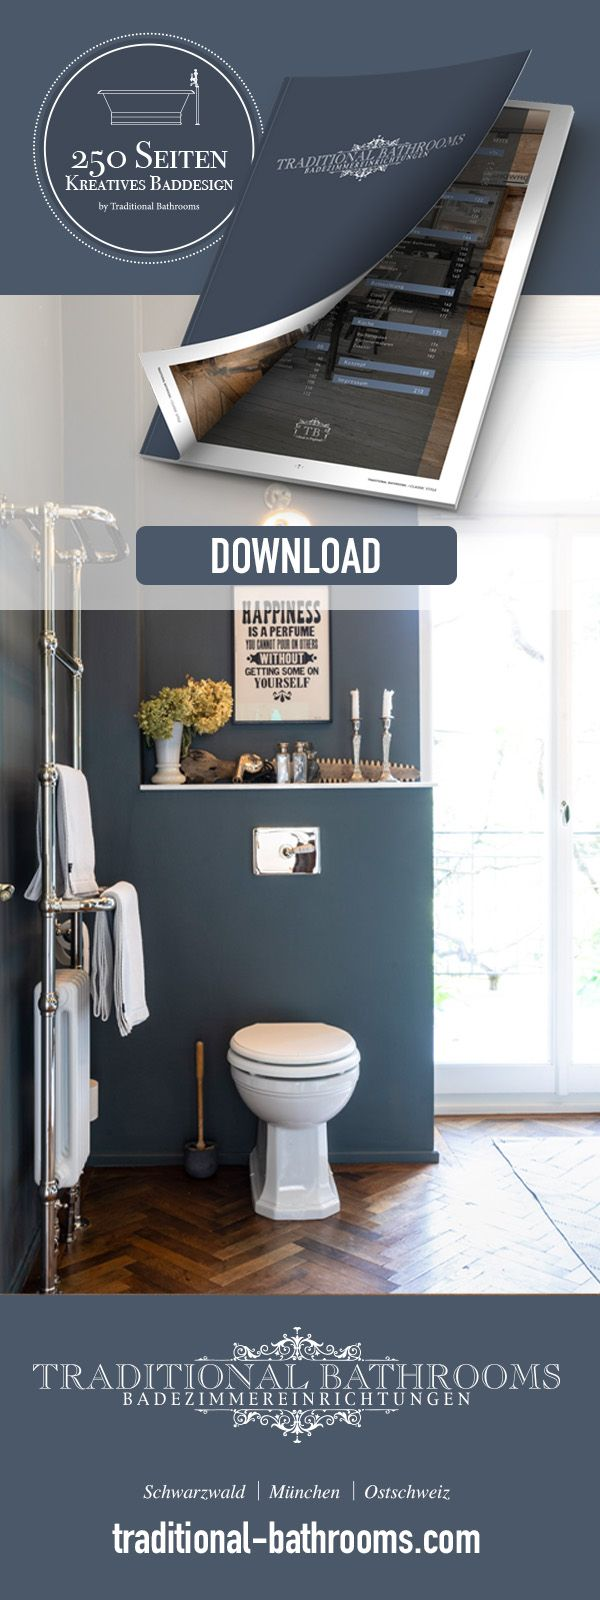 Download Katalog Nostalgie Badezimmer Traditionelle Bader Bad Einrichten Bad Design